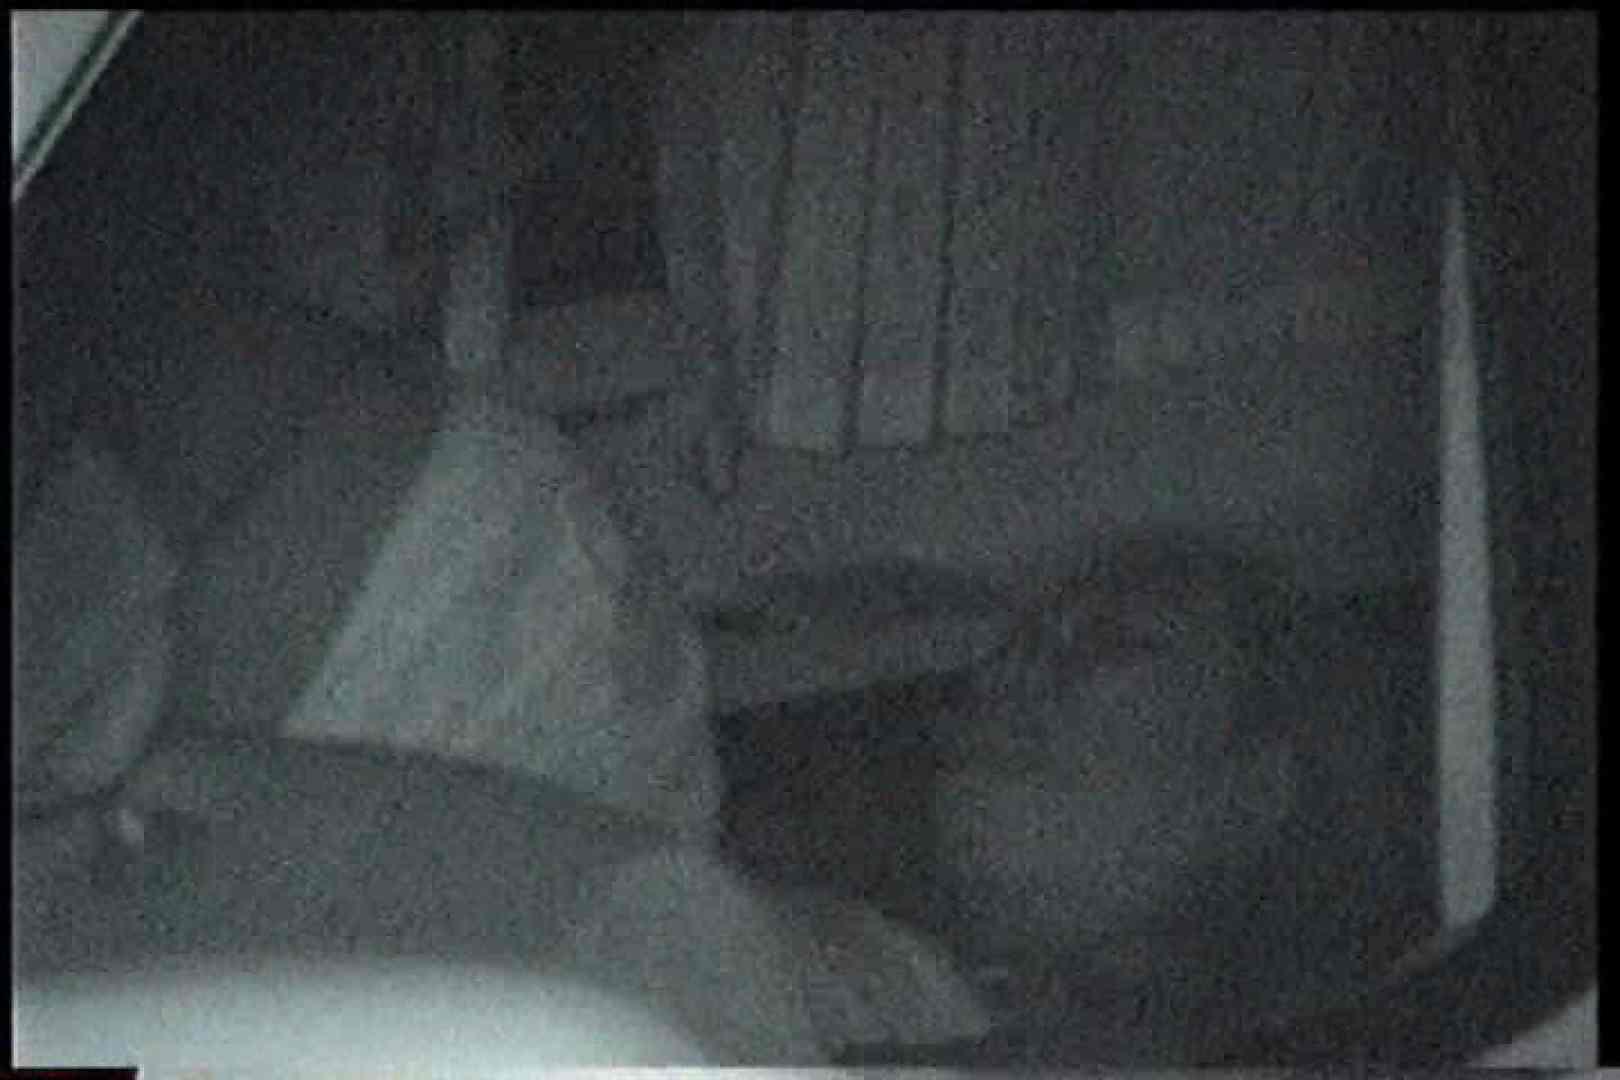 充血監督の深夜の運動会Vol.177 前編 エロティックなOL  88画像 4